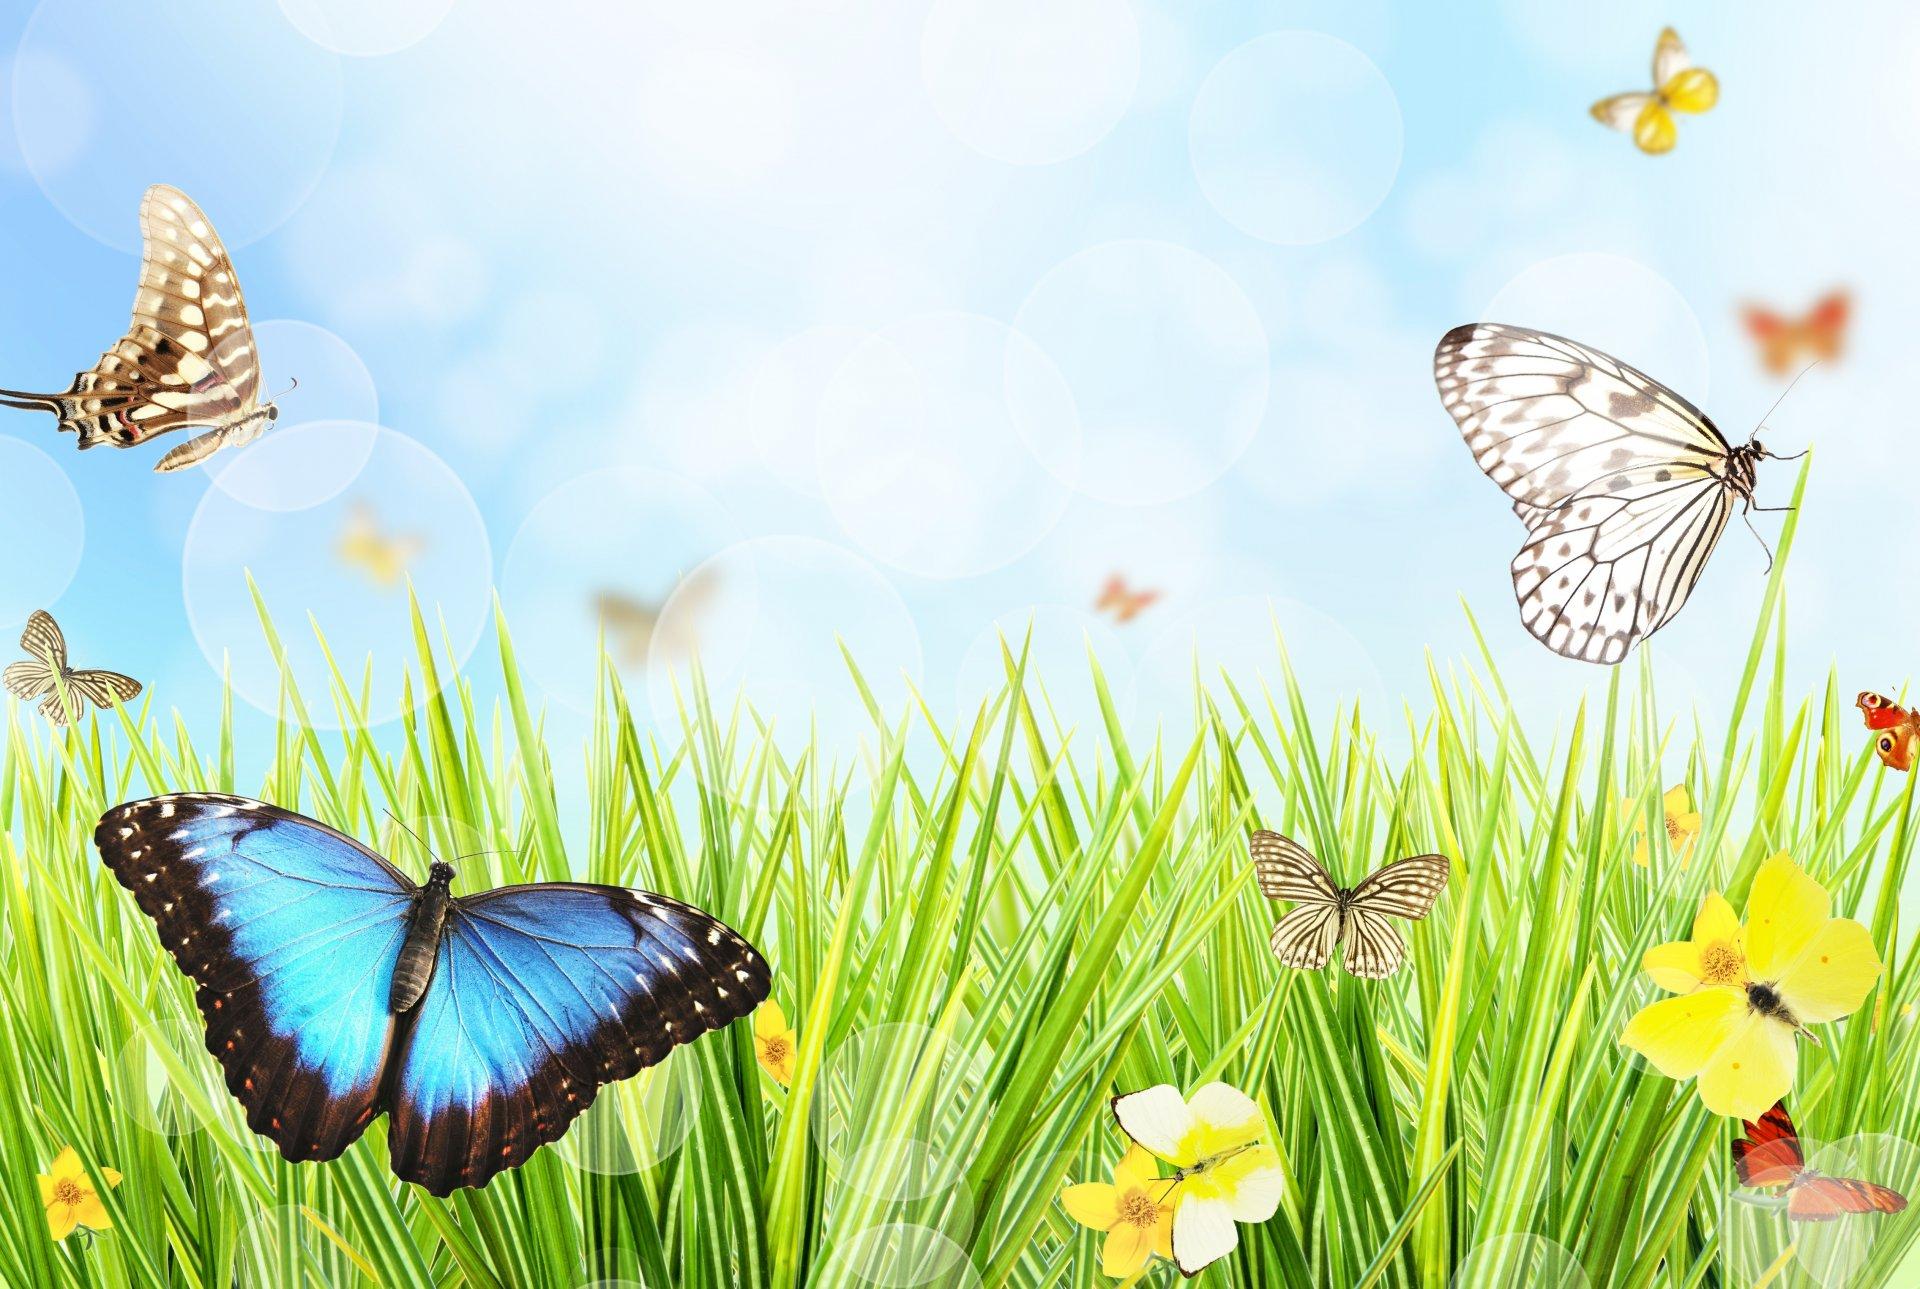 Картинки поляна с насекомыми для детей